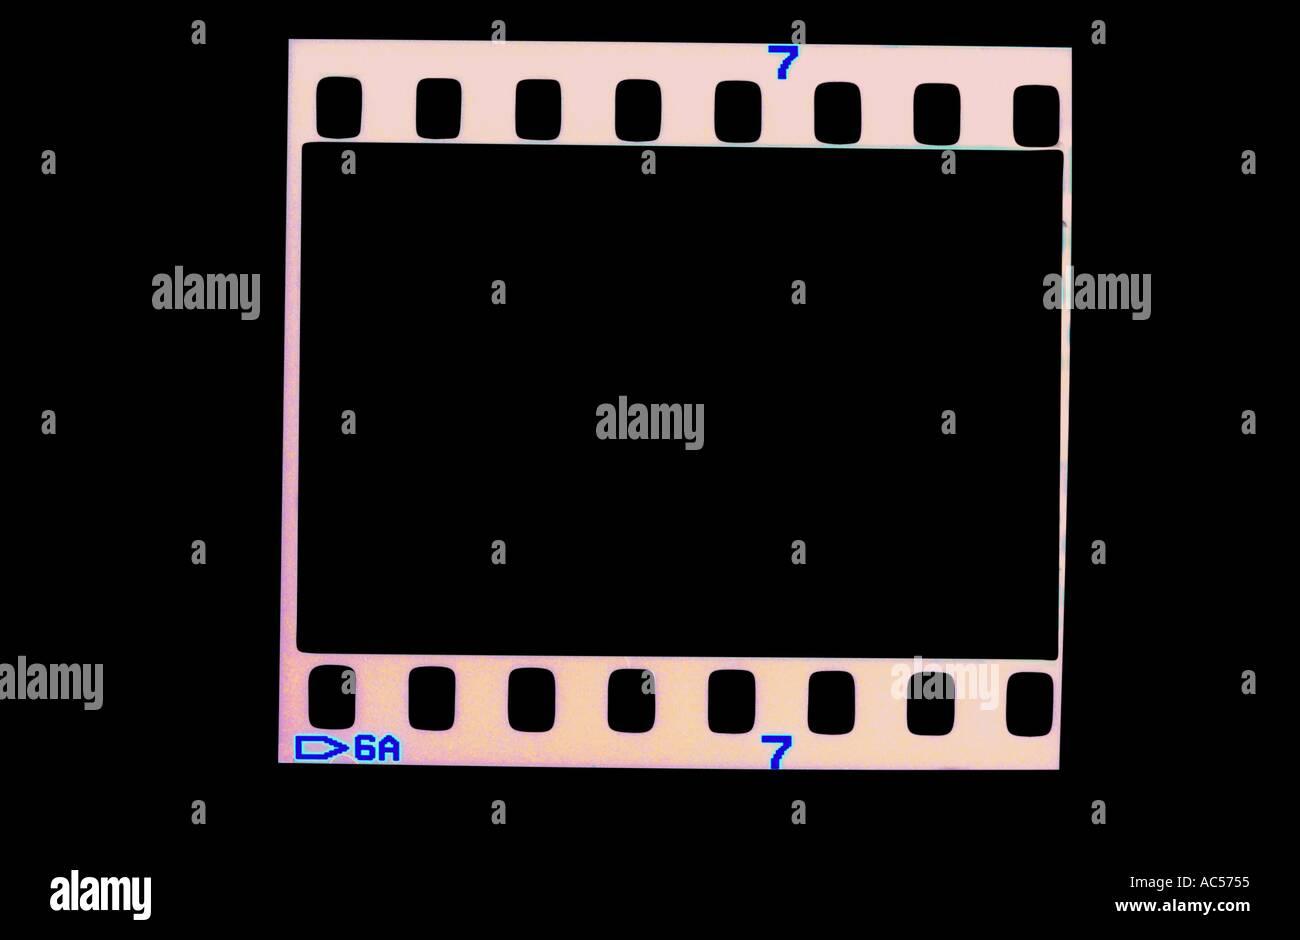 Handwerk und Handel B2B leere Kamera Film Jpg leere Kamera Film Jpg arbeiten arbeiten Stockbild